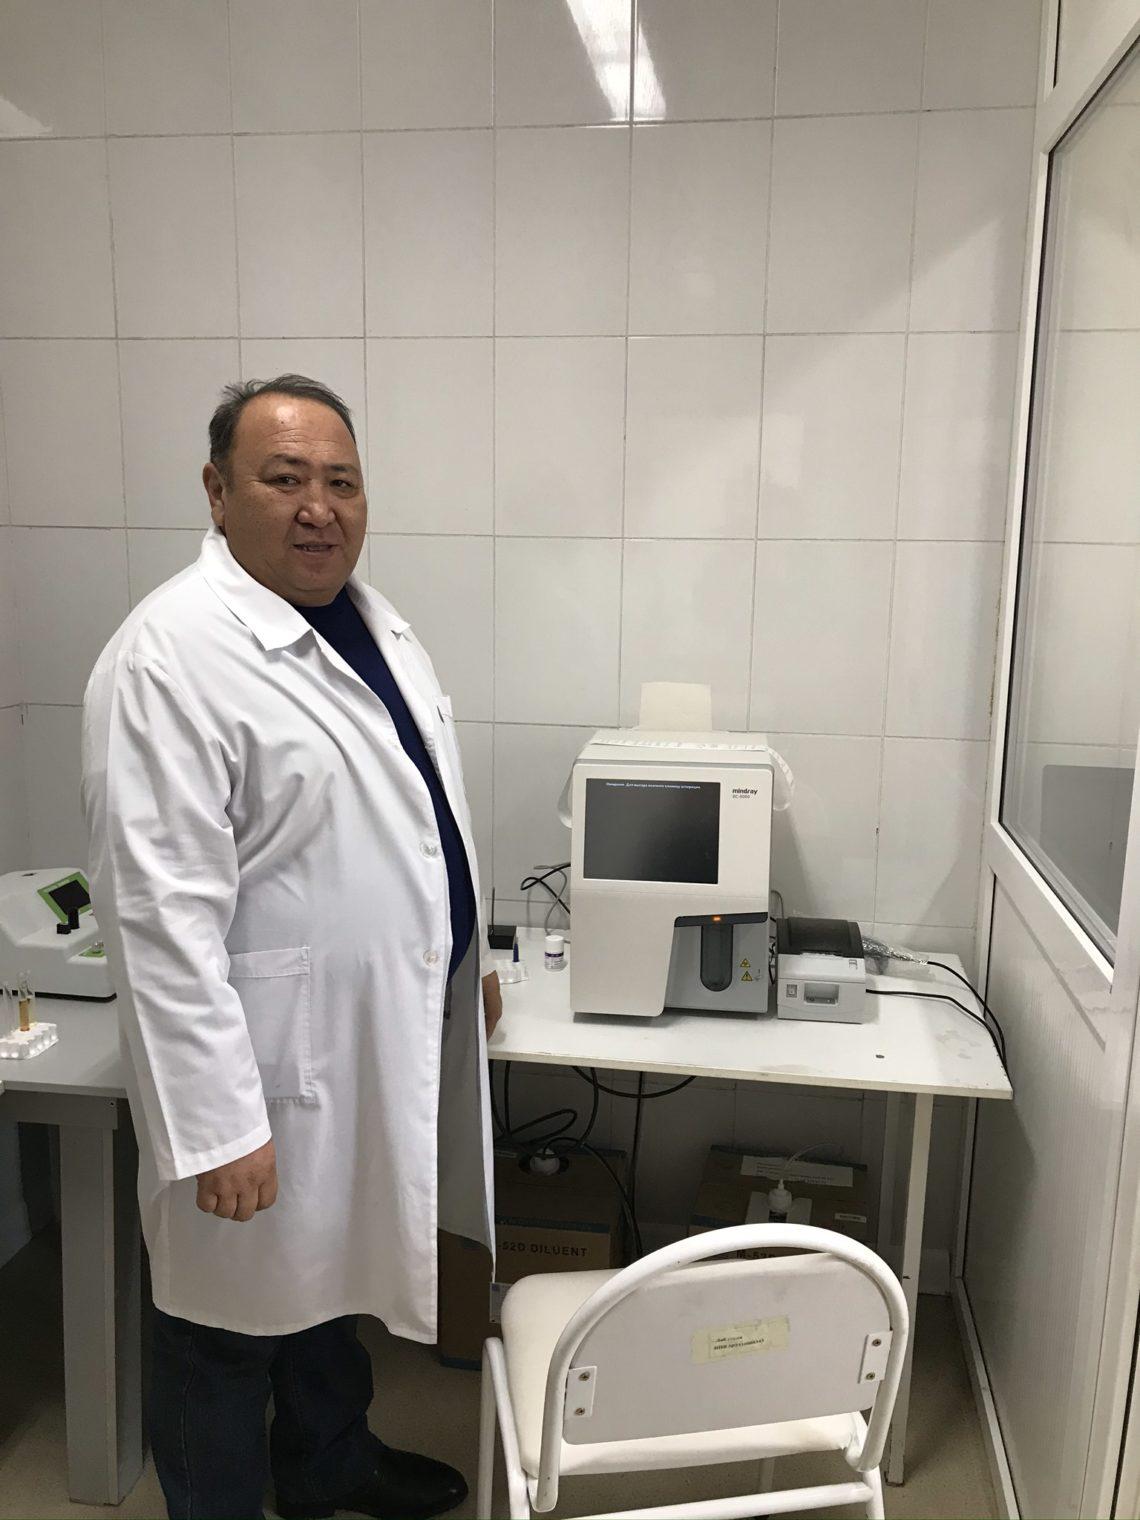 Компания SANTO передала центральной районной больнице г. Арыс несколько единиц современного медицинского оборудования.